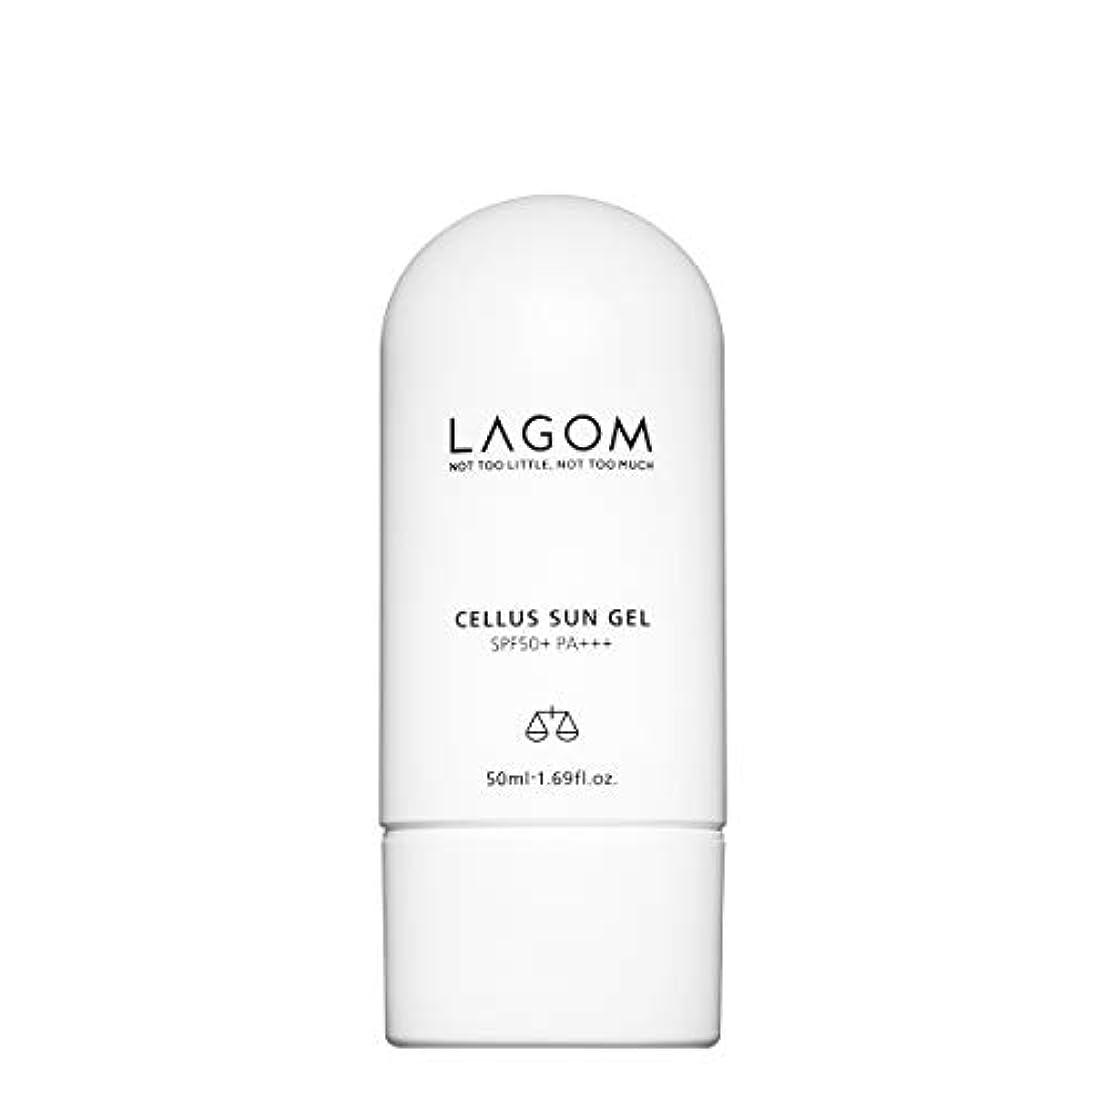 裂け目不安定な消去LAGOM(ラゴム) ラゴム サンジェル 50ml (日焼け止め乳液) SPF50+/PA+++ 日本正規品